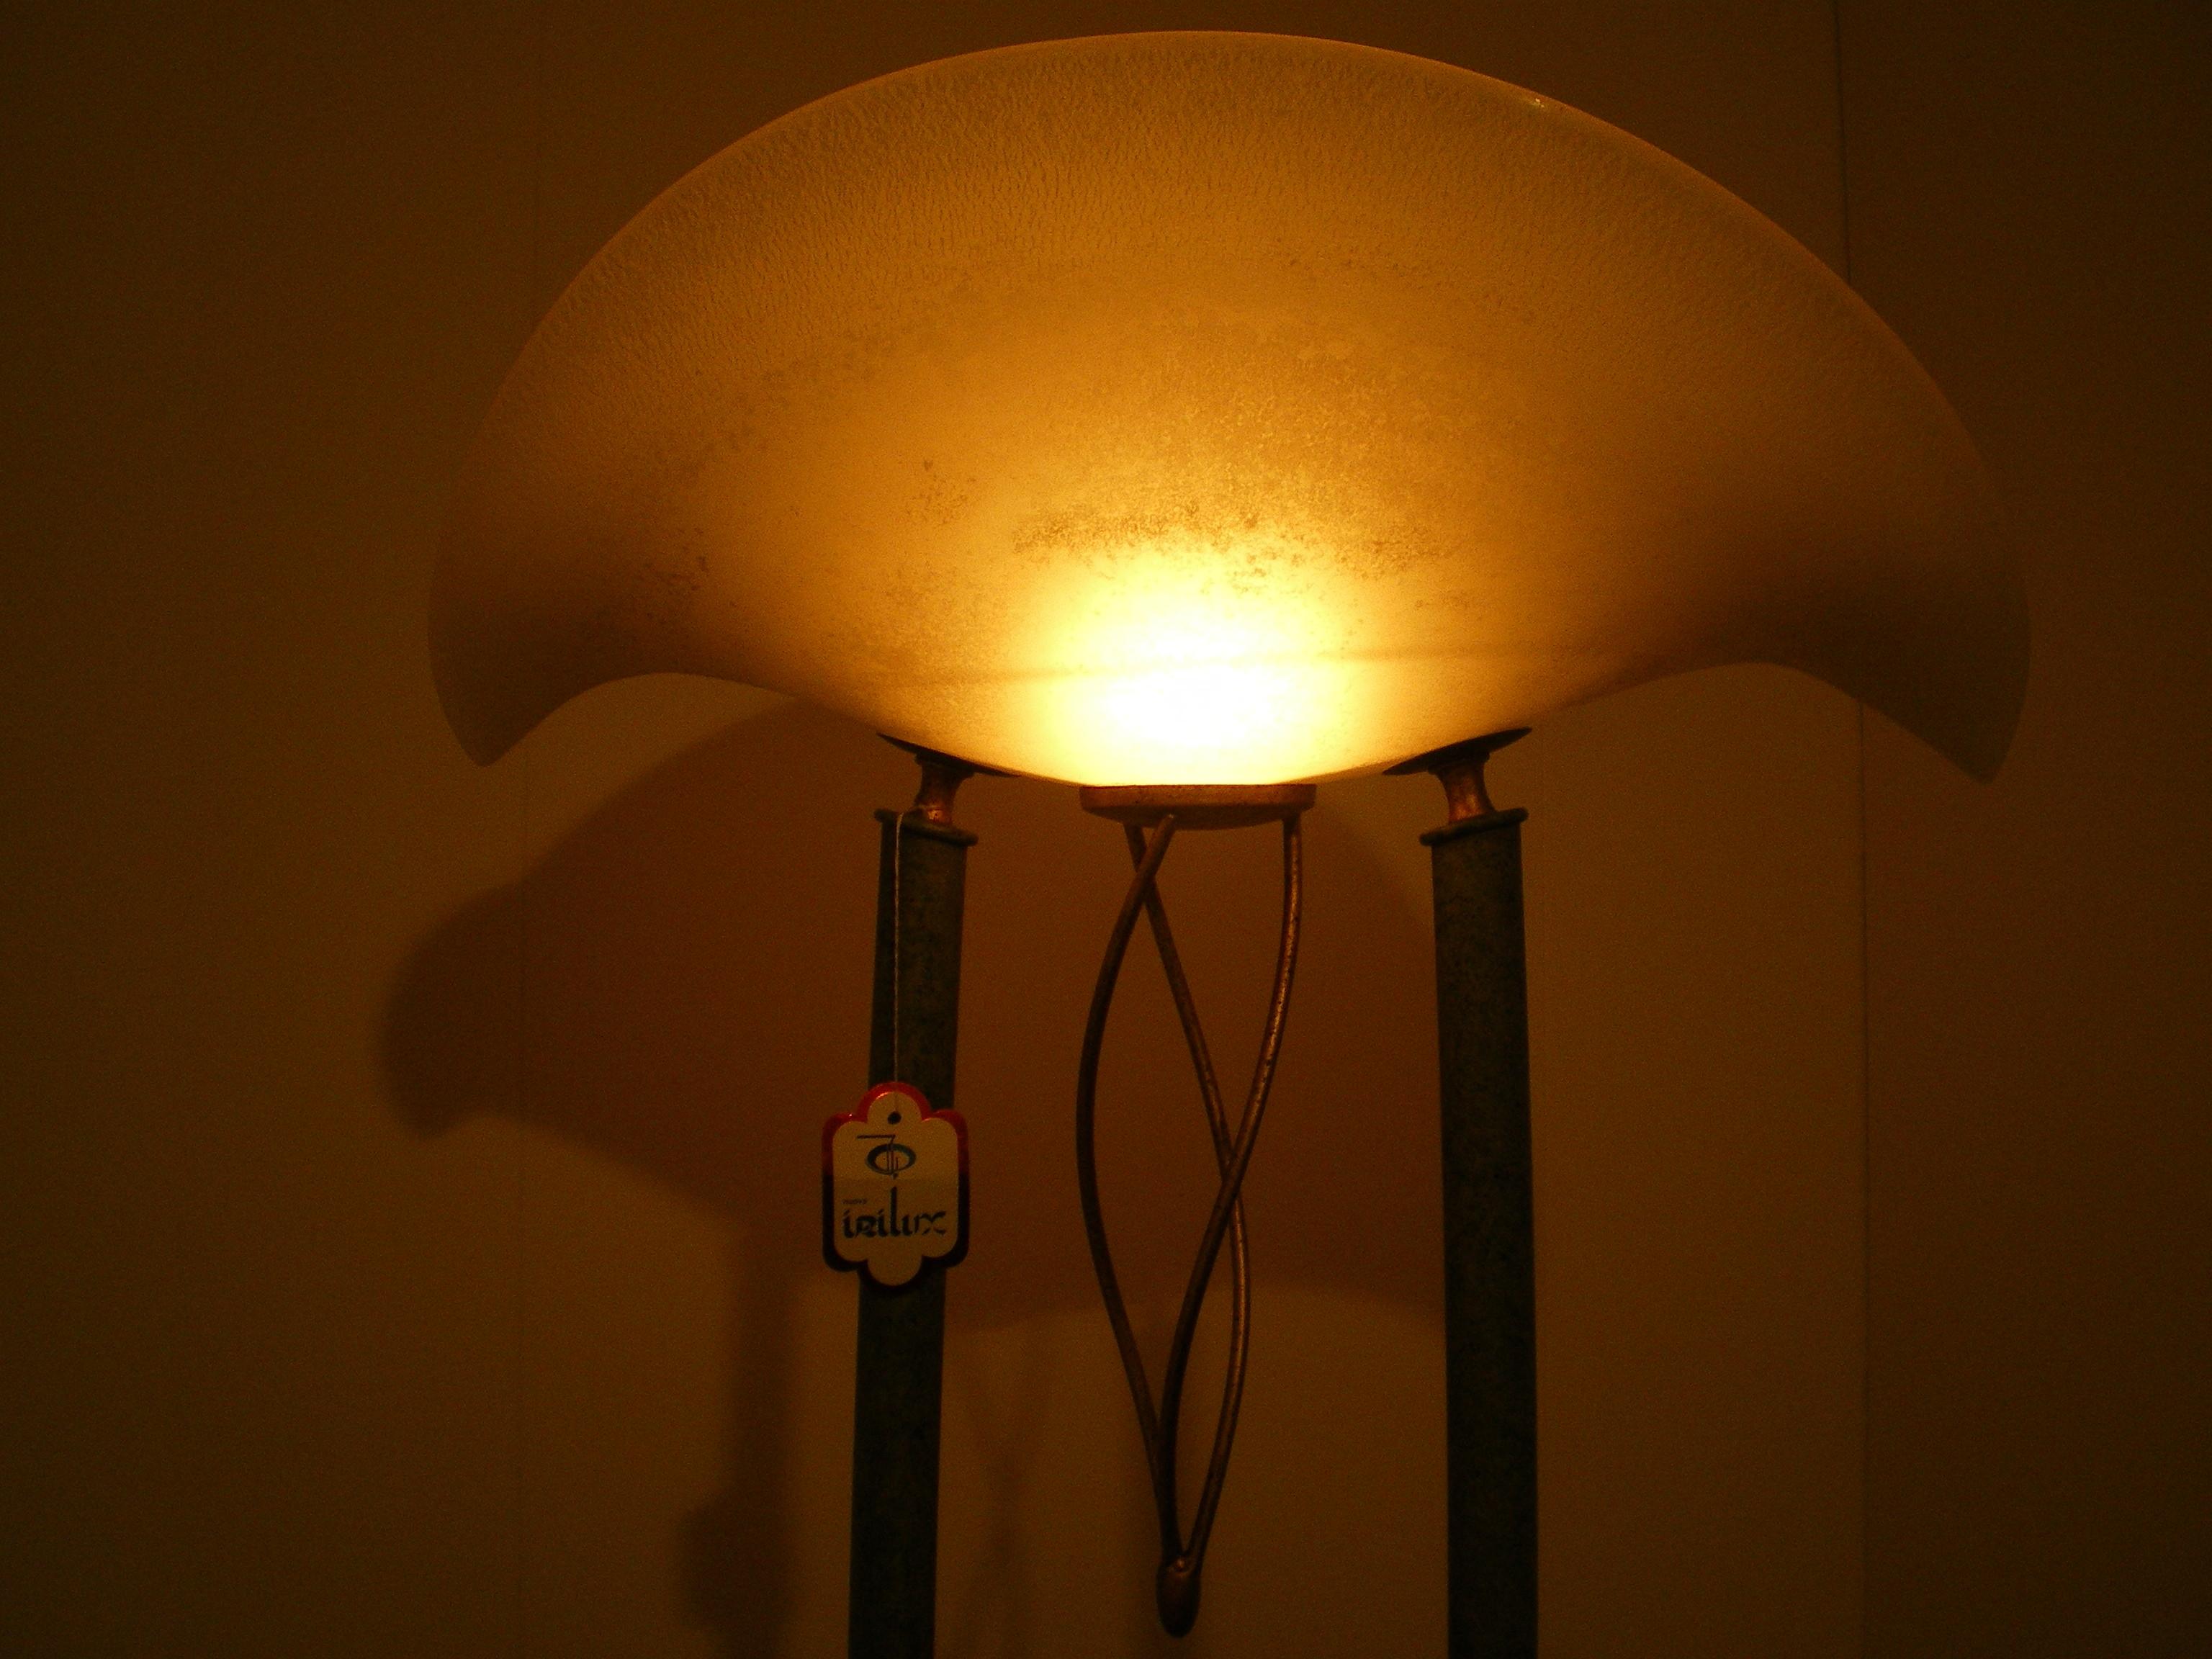 Illuminazione Irilux Classica Vetro Lampade da terra Classico - Illuminazione a prezzi scontati